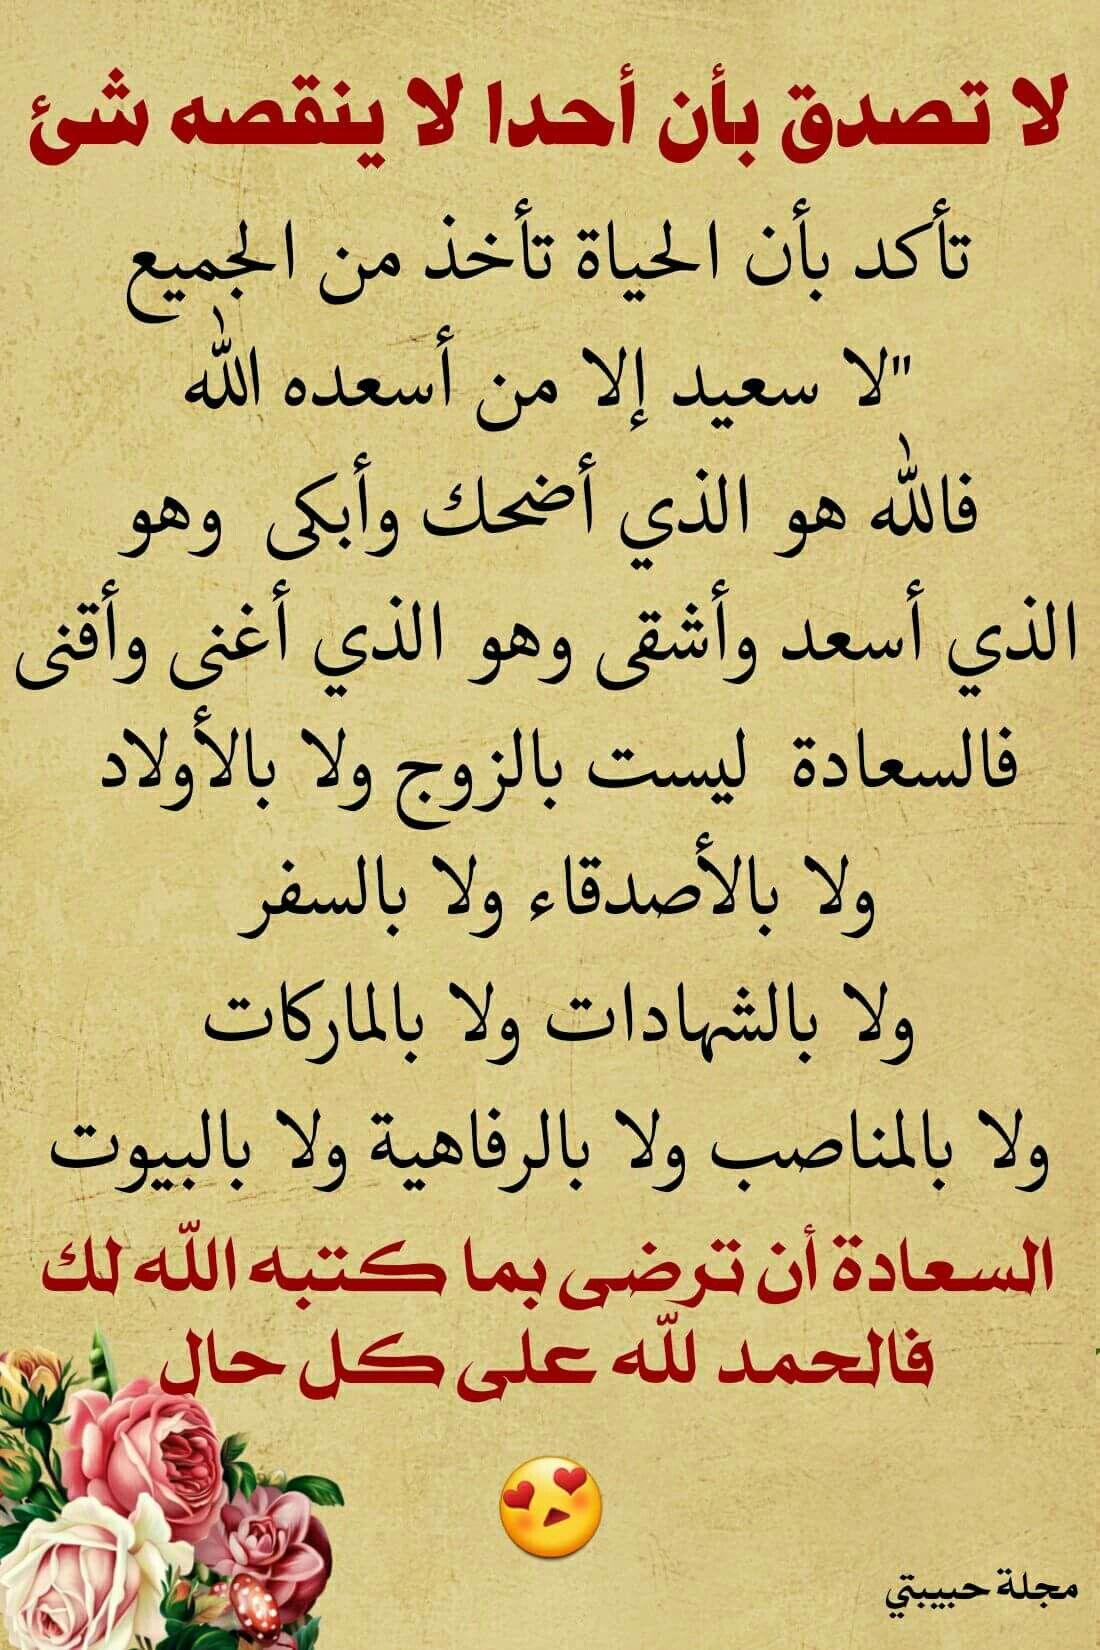 الحمد لله علي كل حال Sayings Positivity Arabic Calligraphy